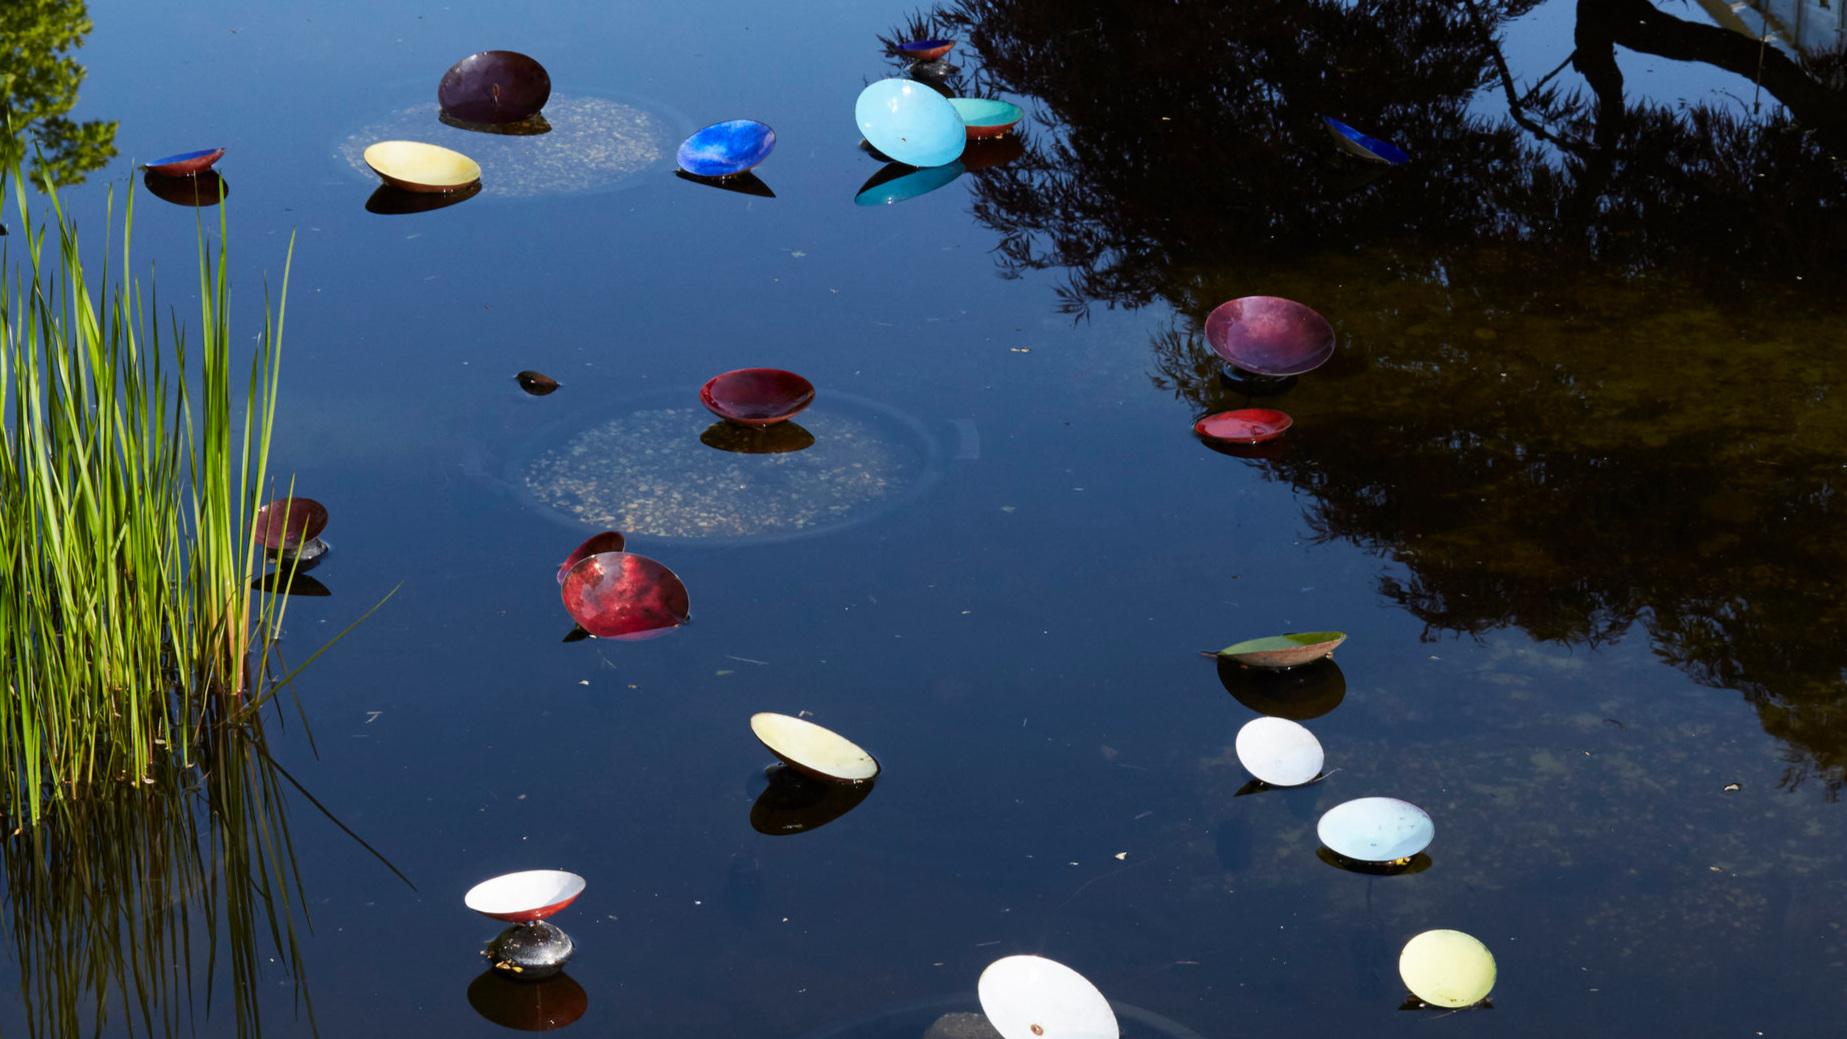 19.05.01_jardin_botanique_marie-pierre_cravedi